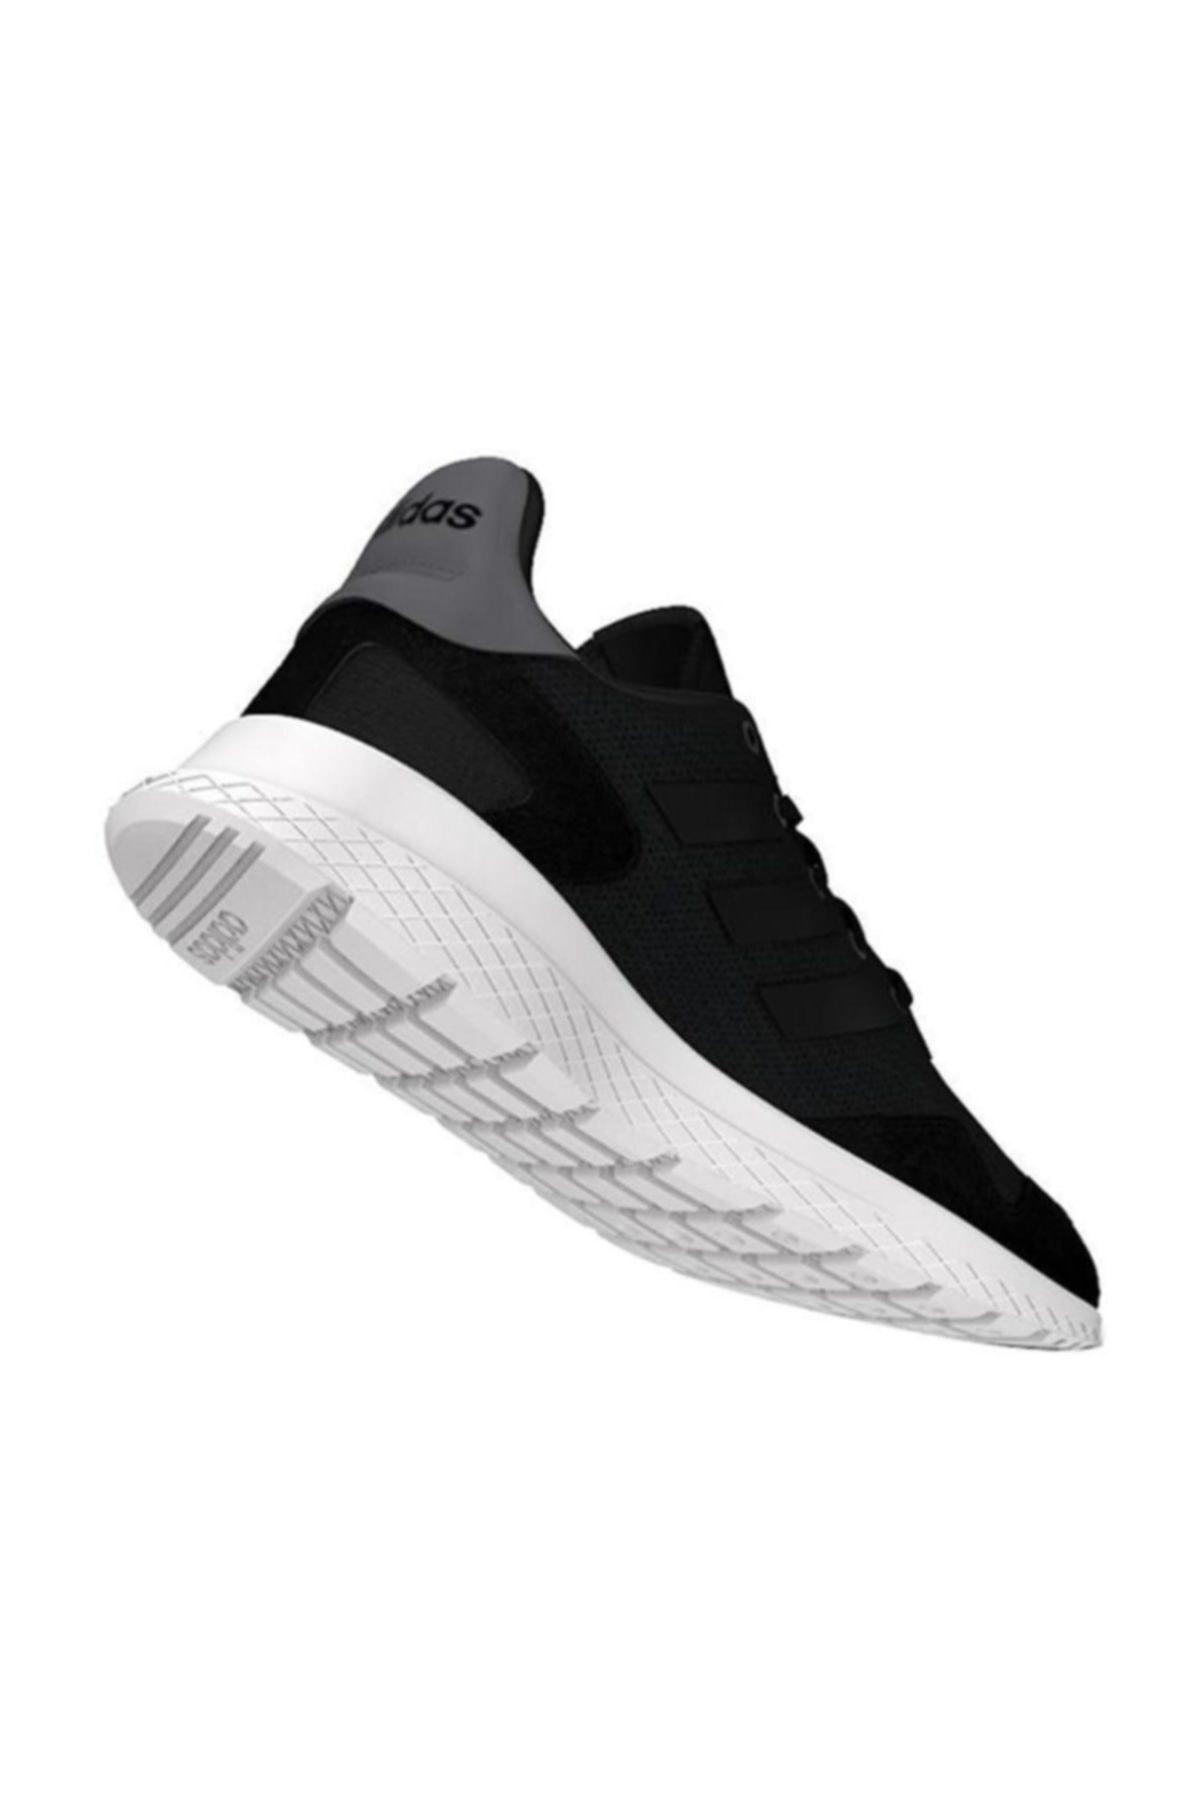 adidas ARCHIVO Erkek Spor Ayakkabı 2